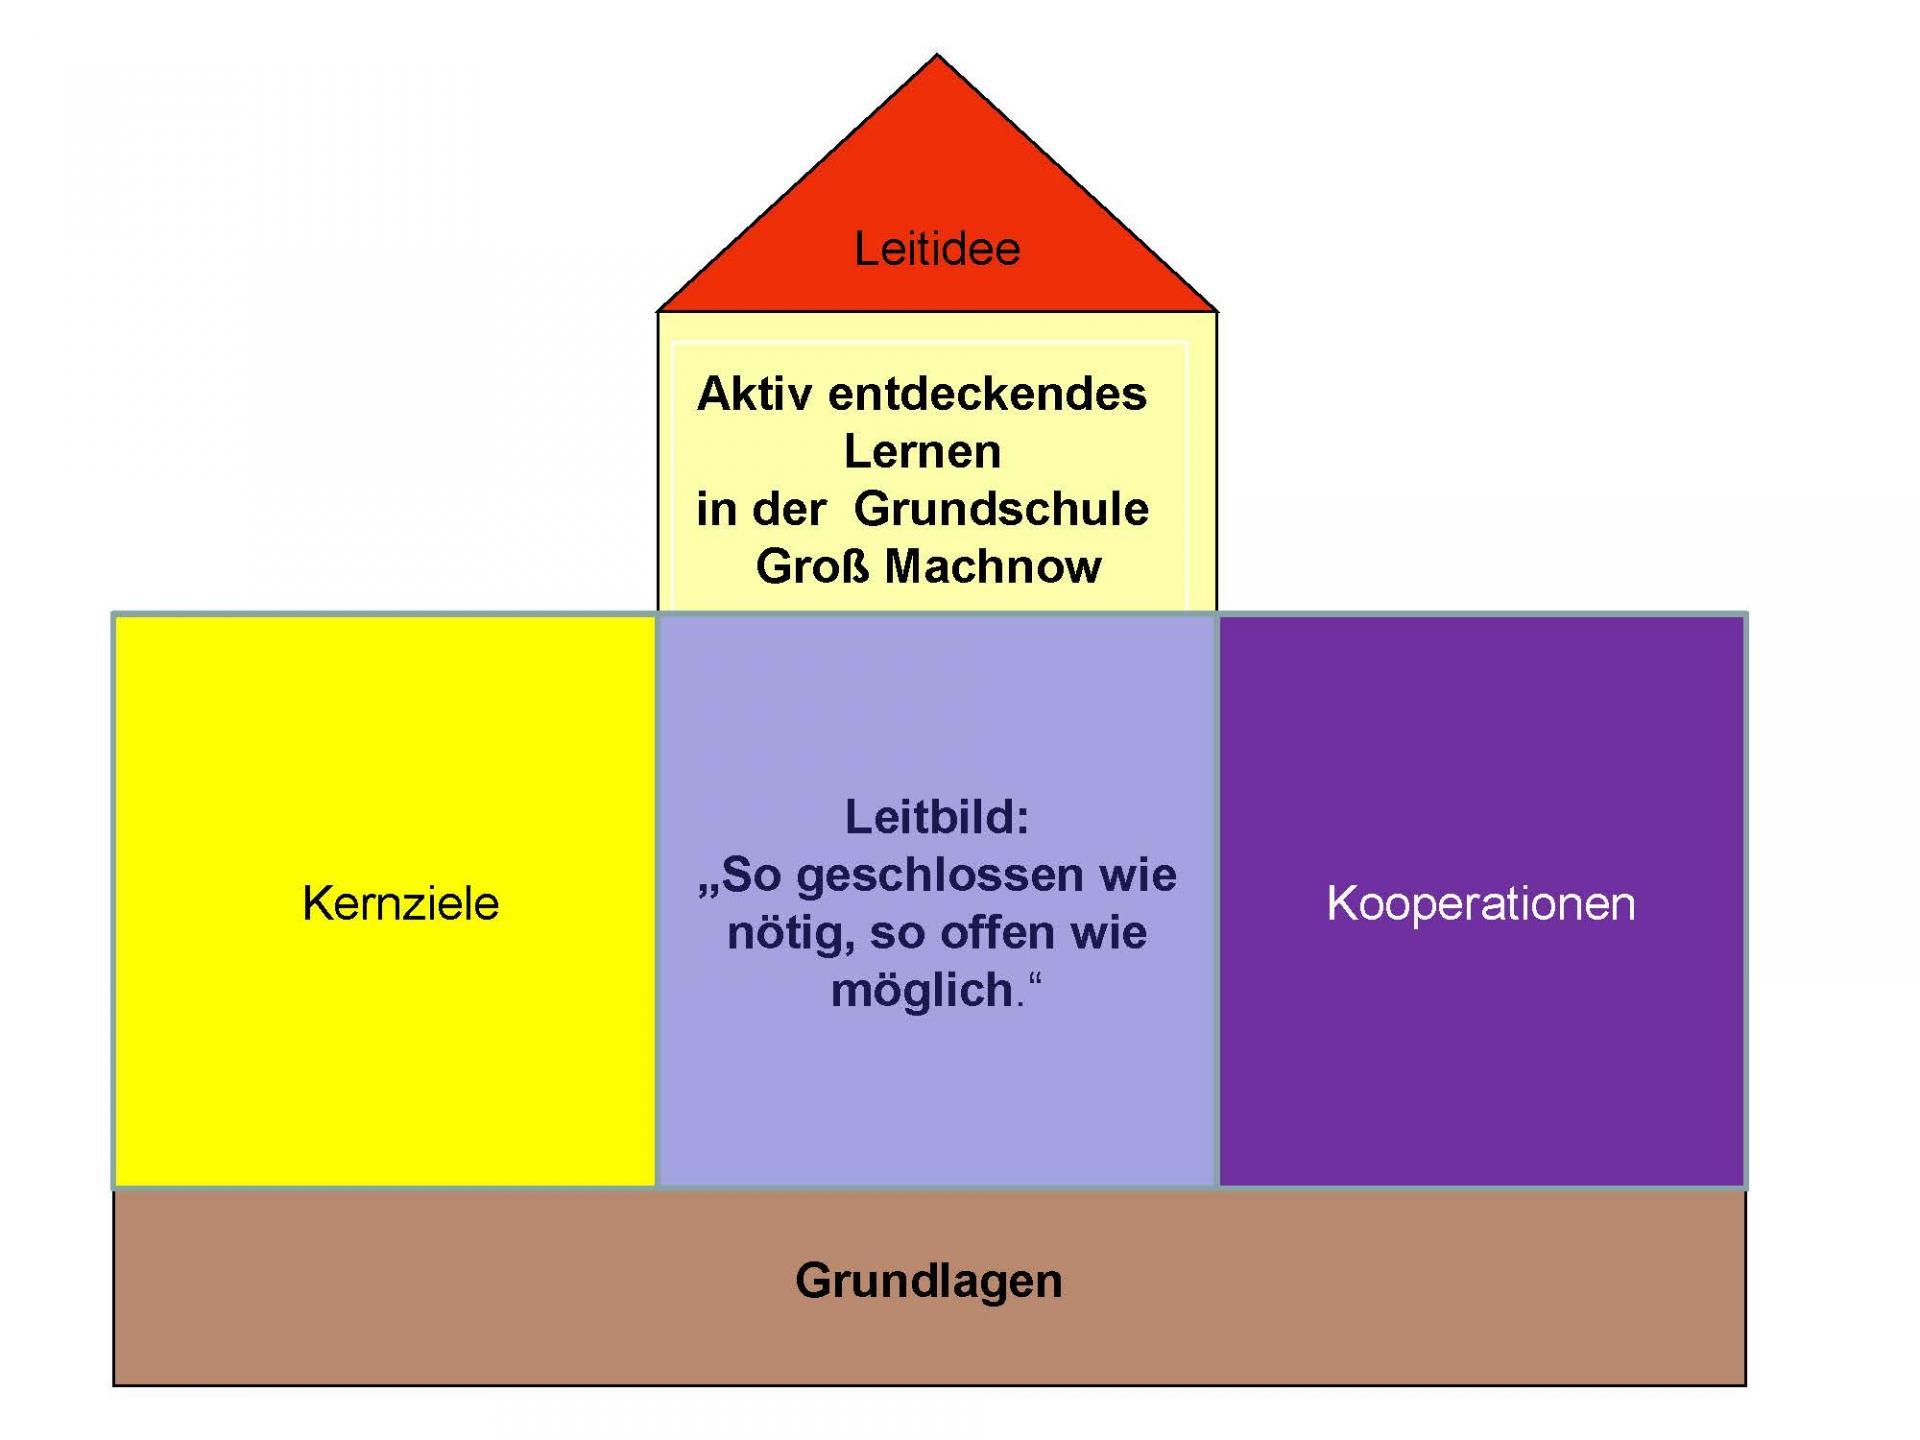 © Foto: Grundschule Groß Machnow - Schulprogramm - Seite 8